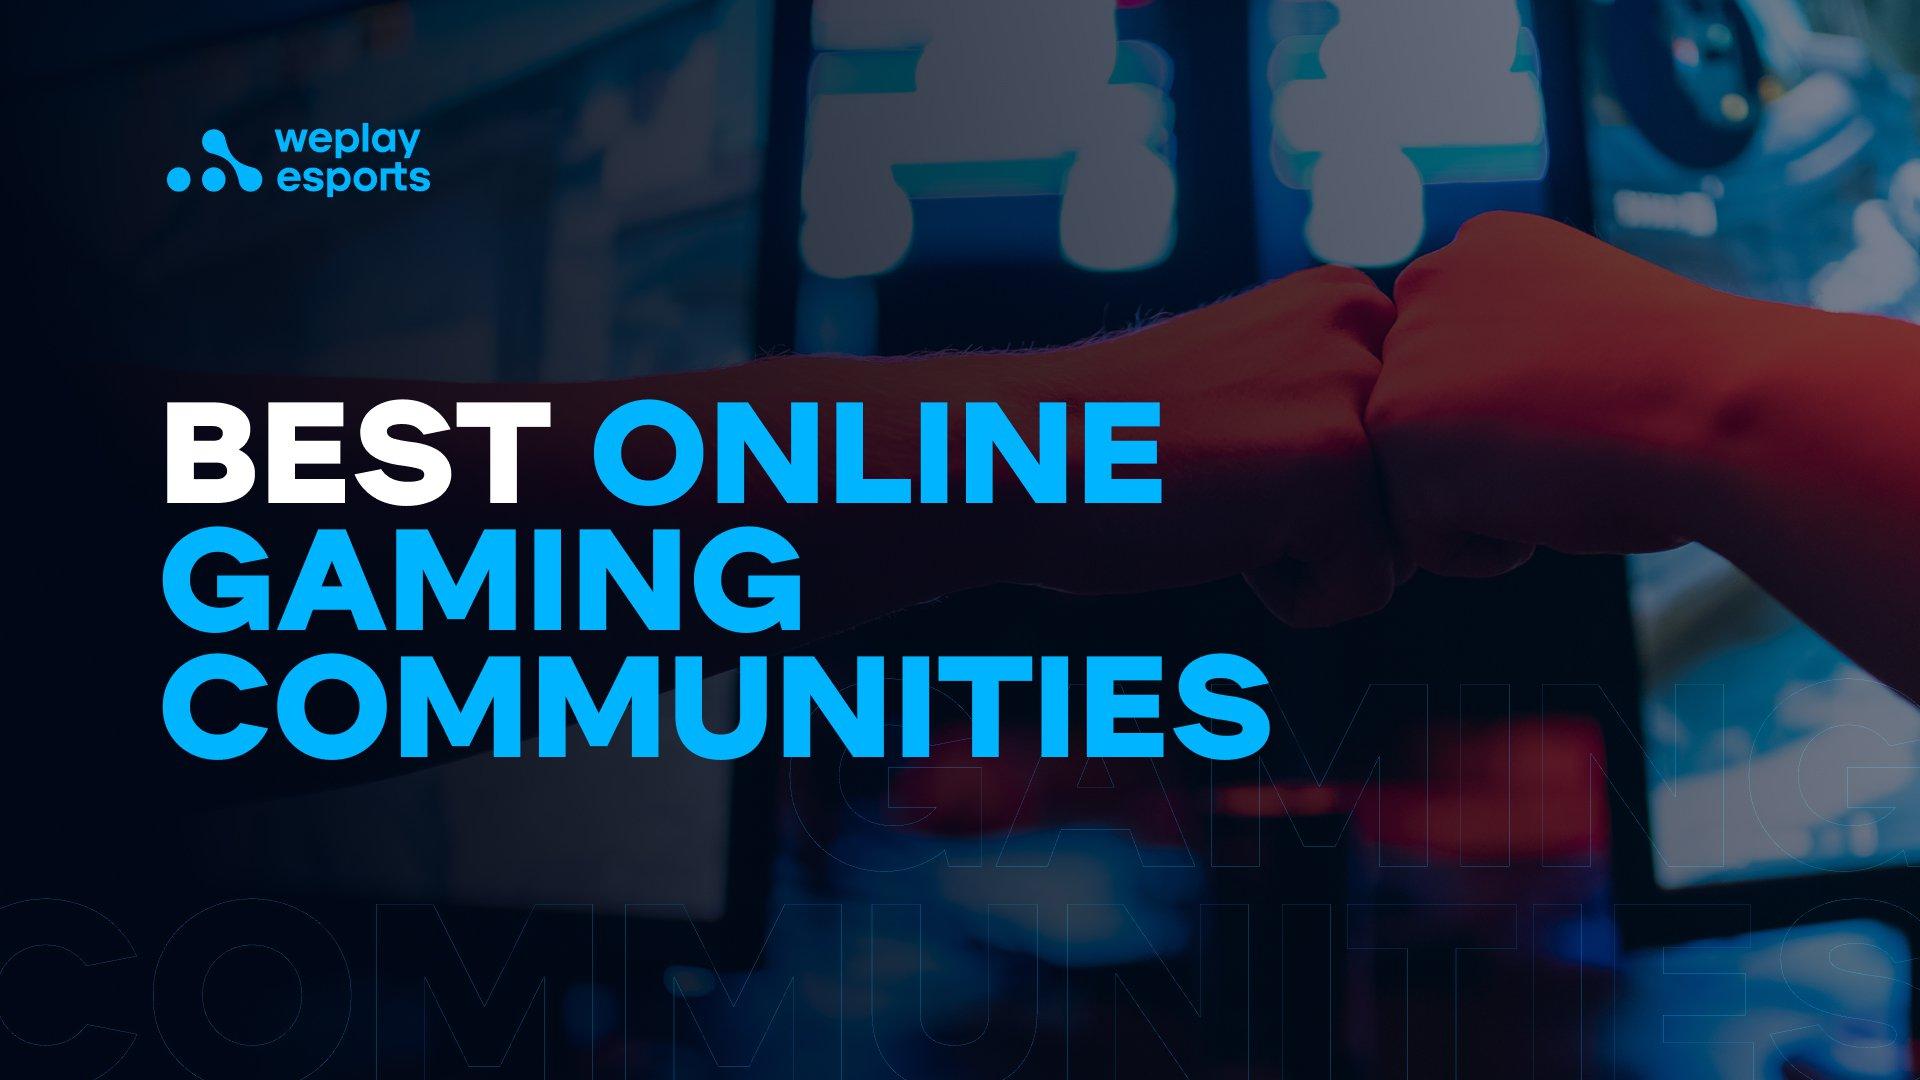 Best Online Gaming Communities